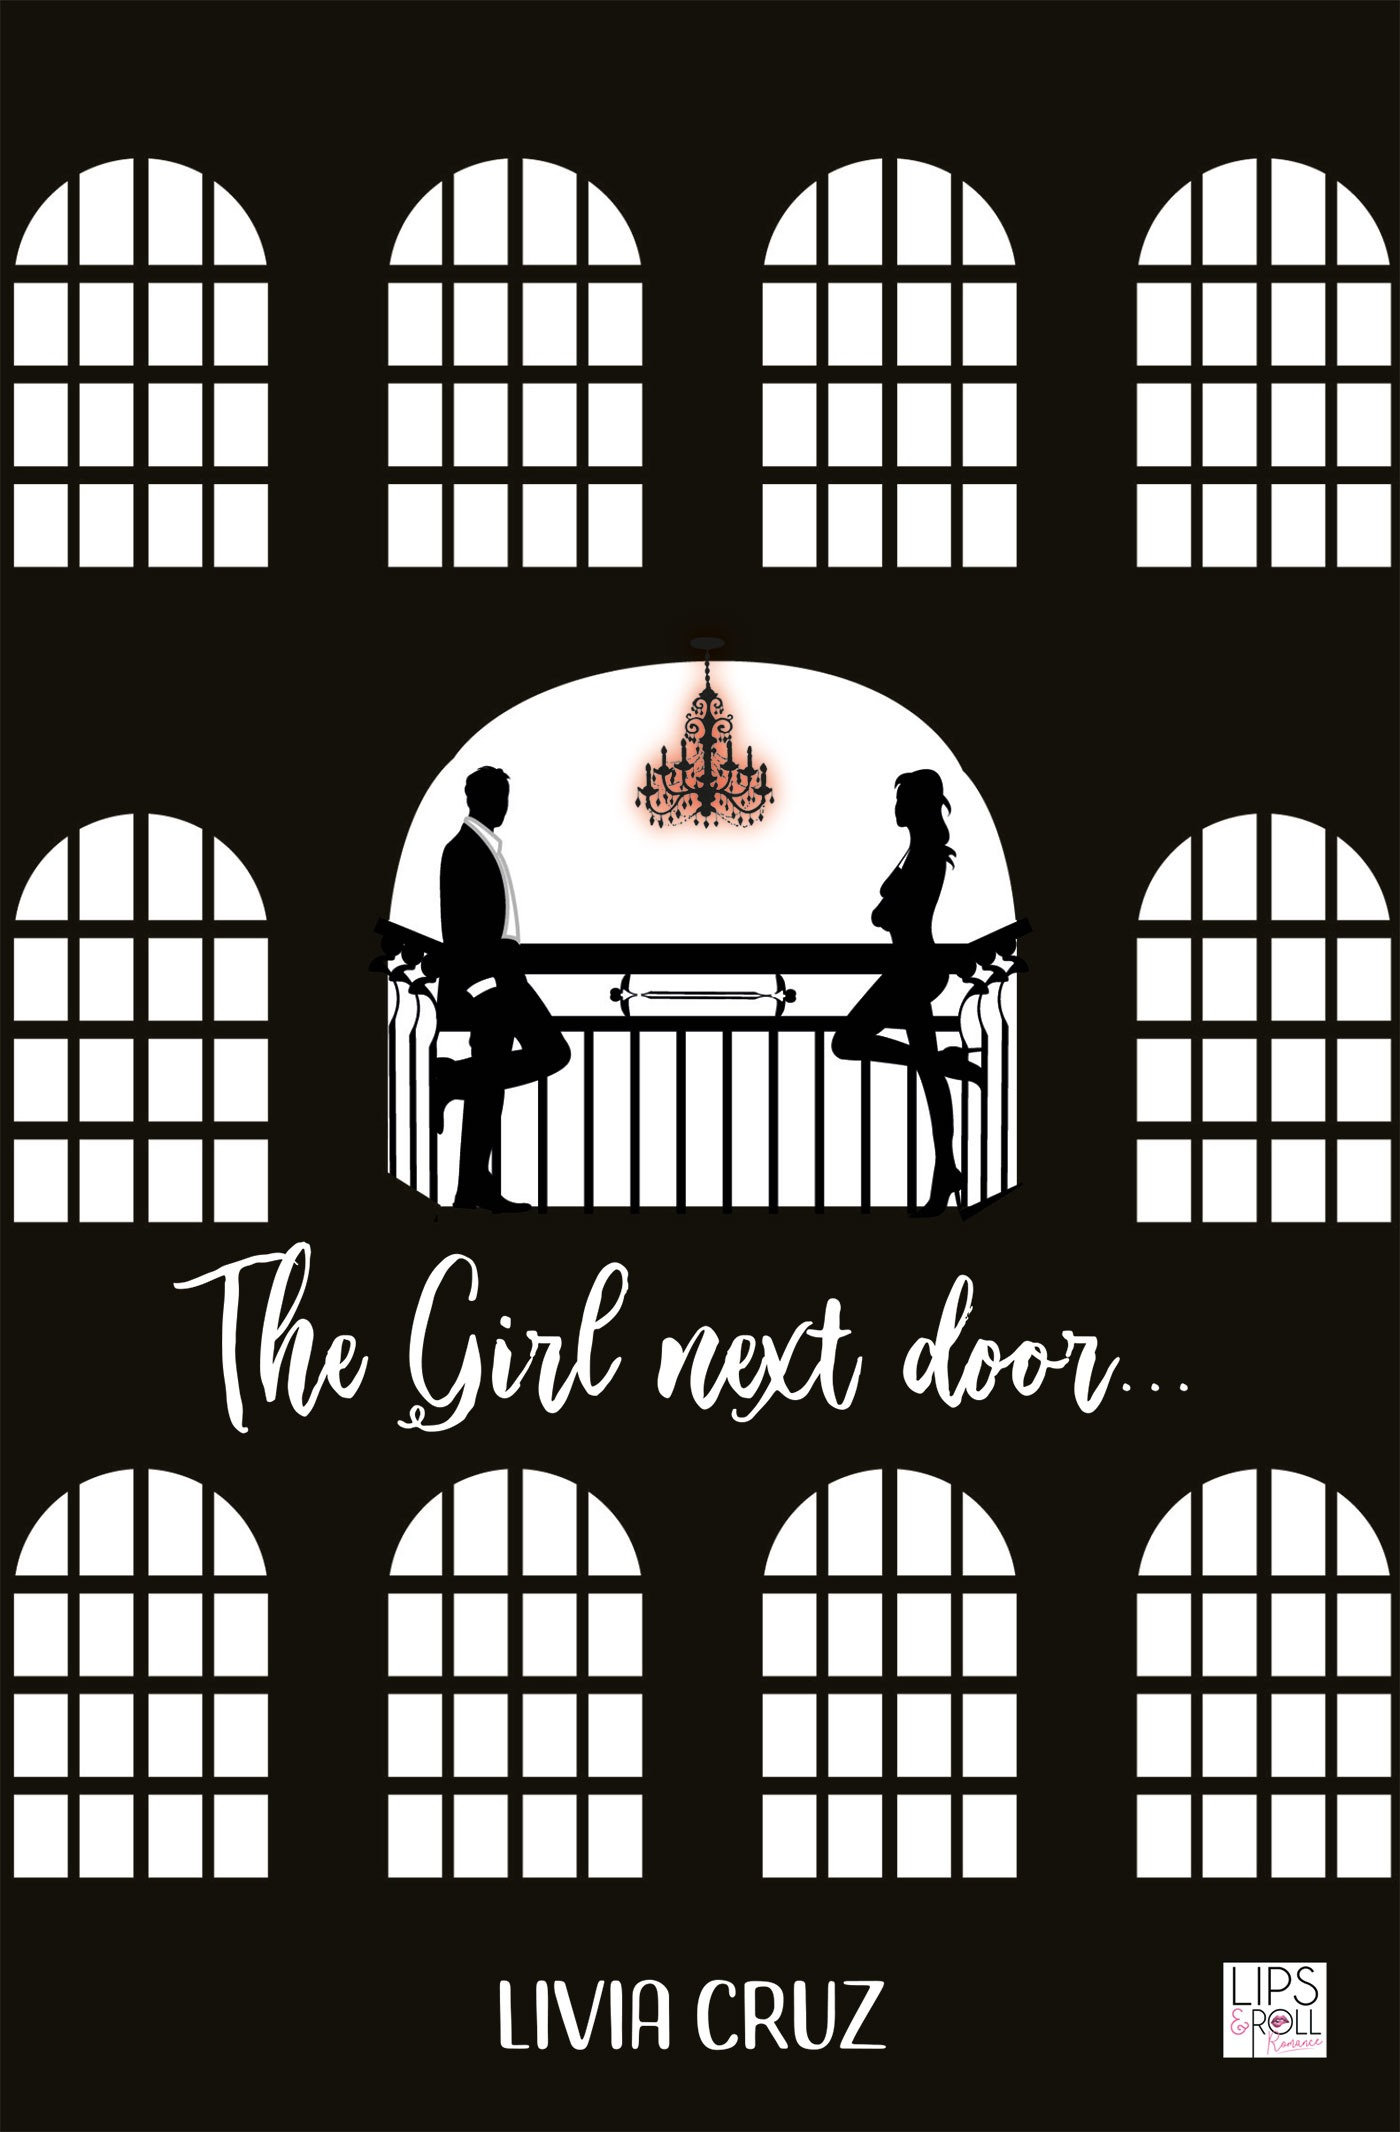 The Girl next door...